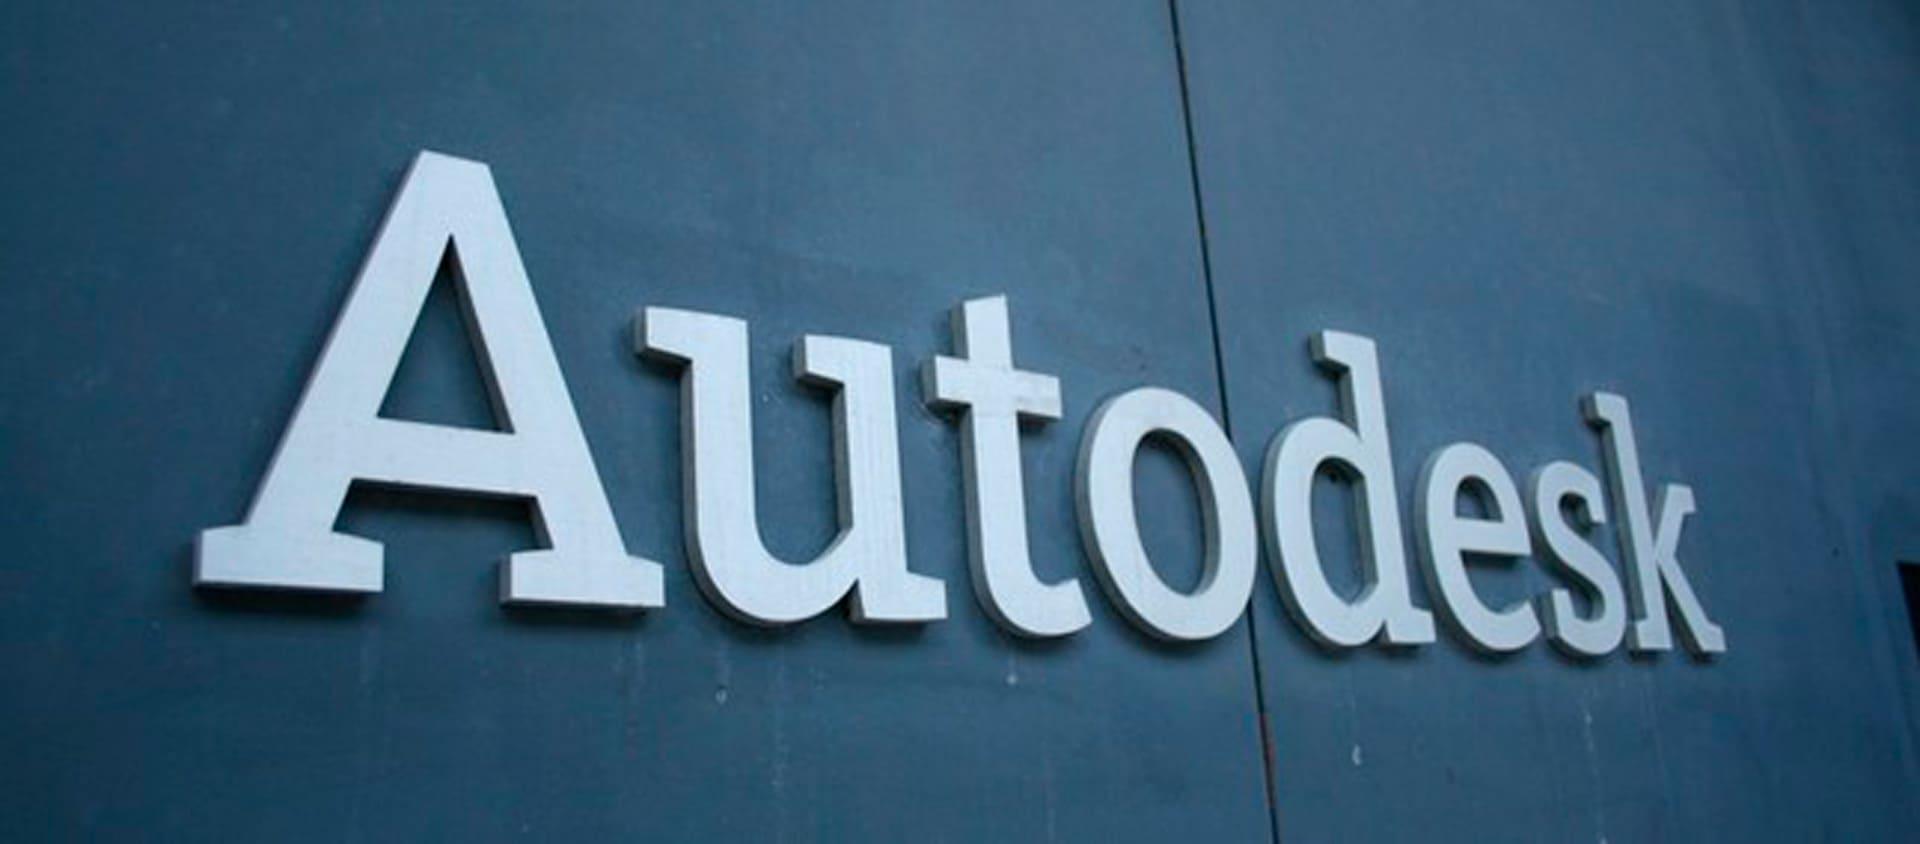 autodesk-diz-que-tambem-foi-invadida-por-hackers-da-solarwinds